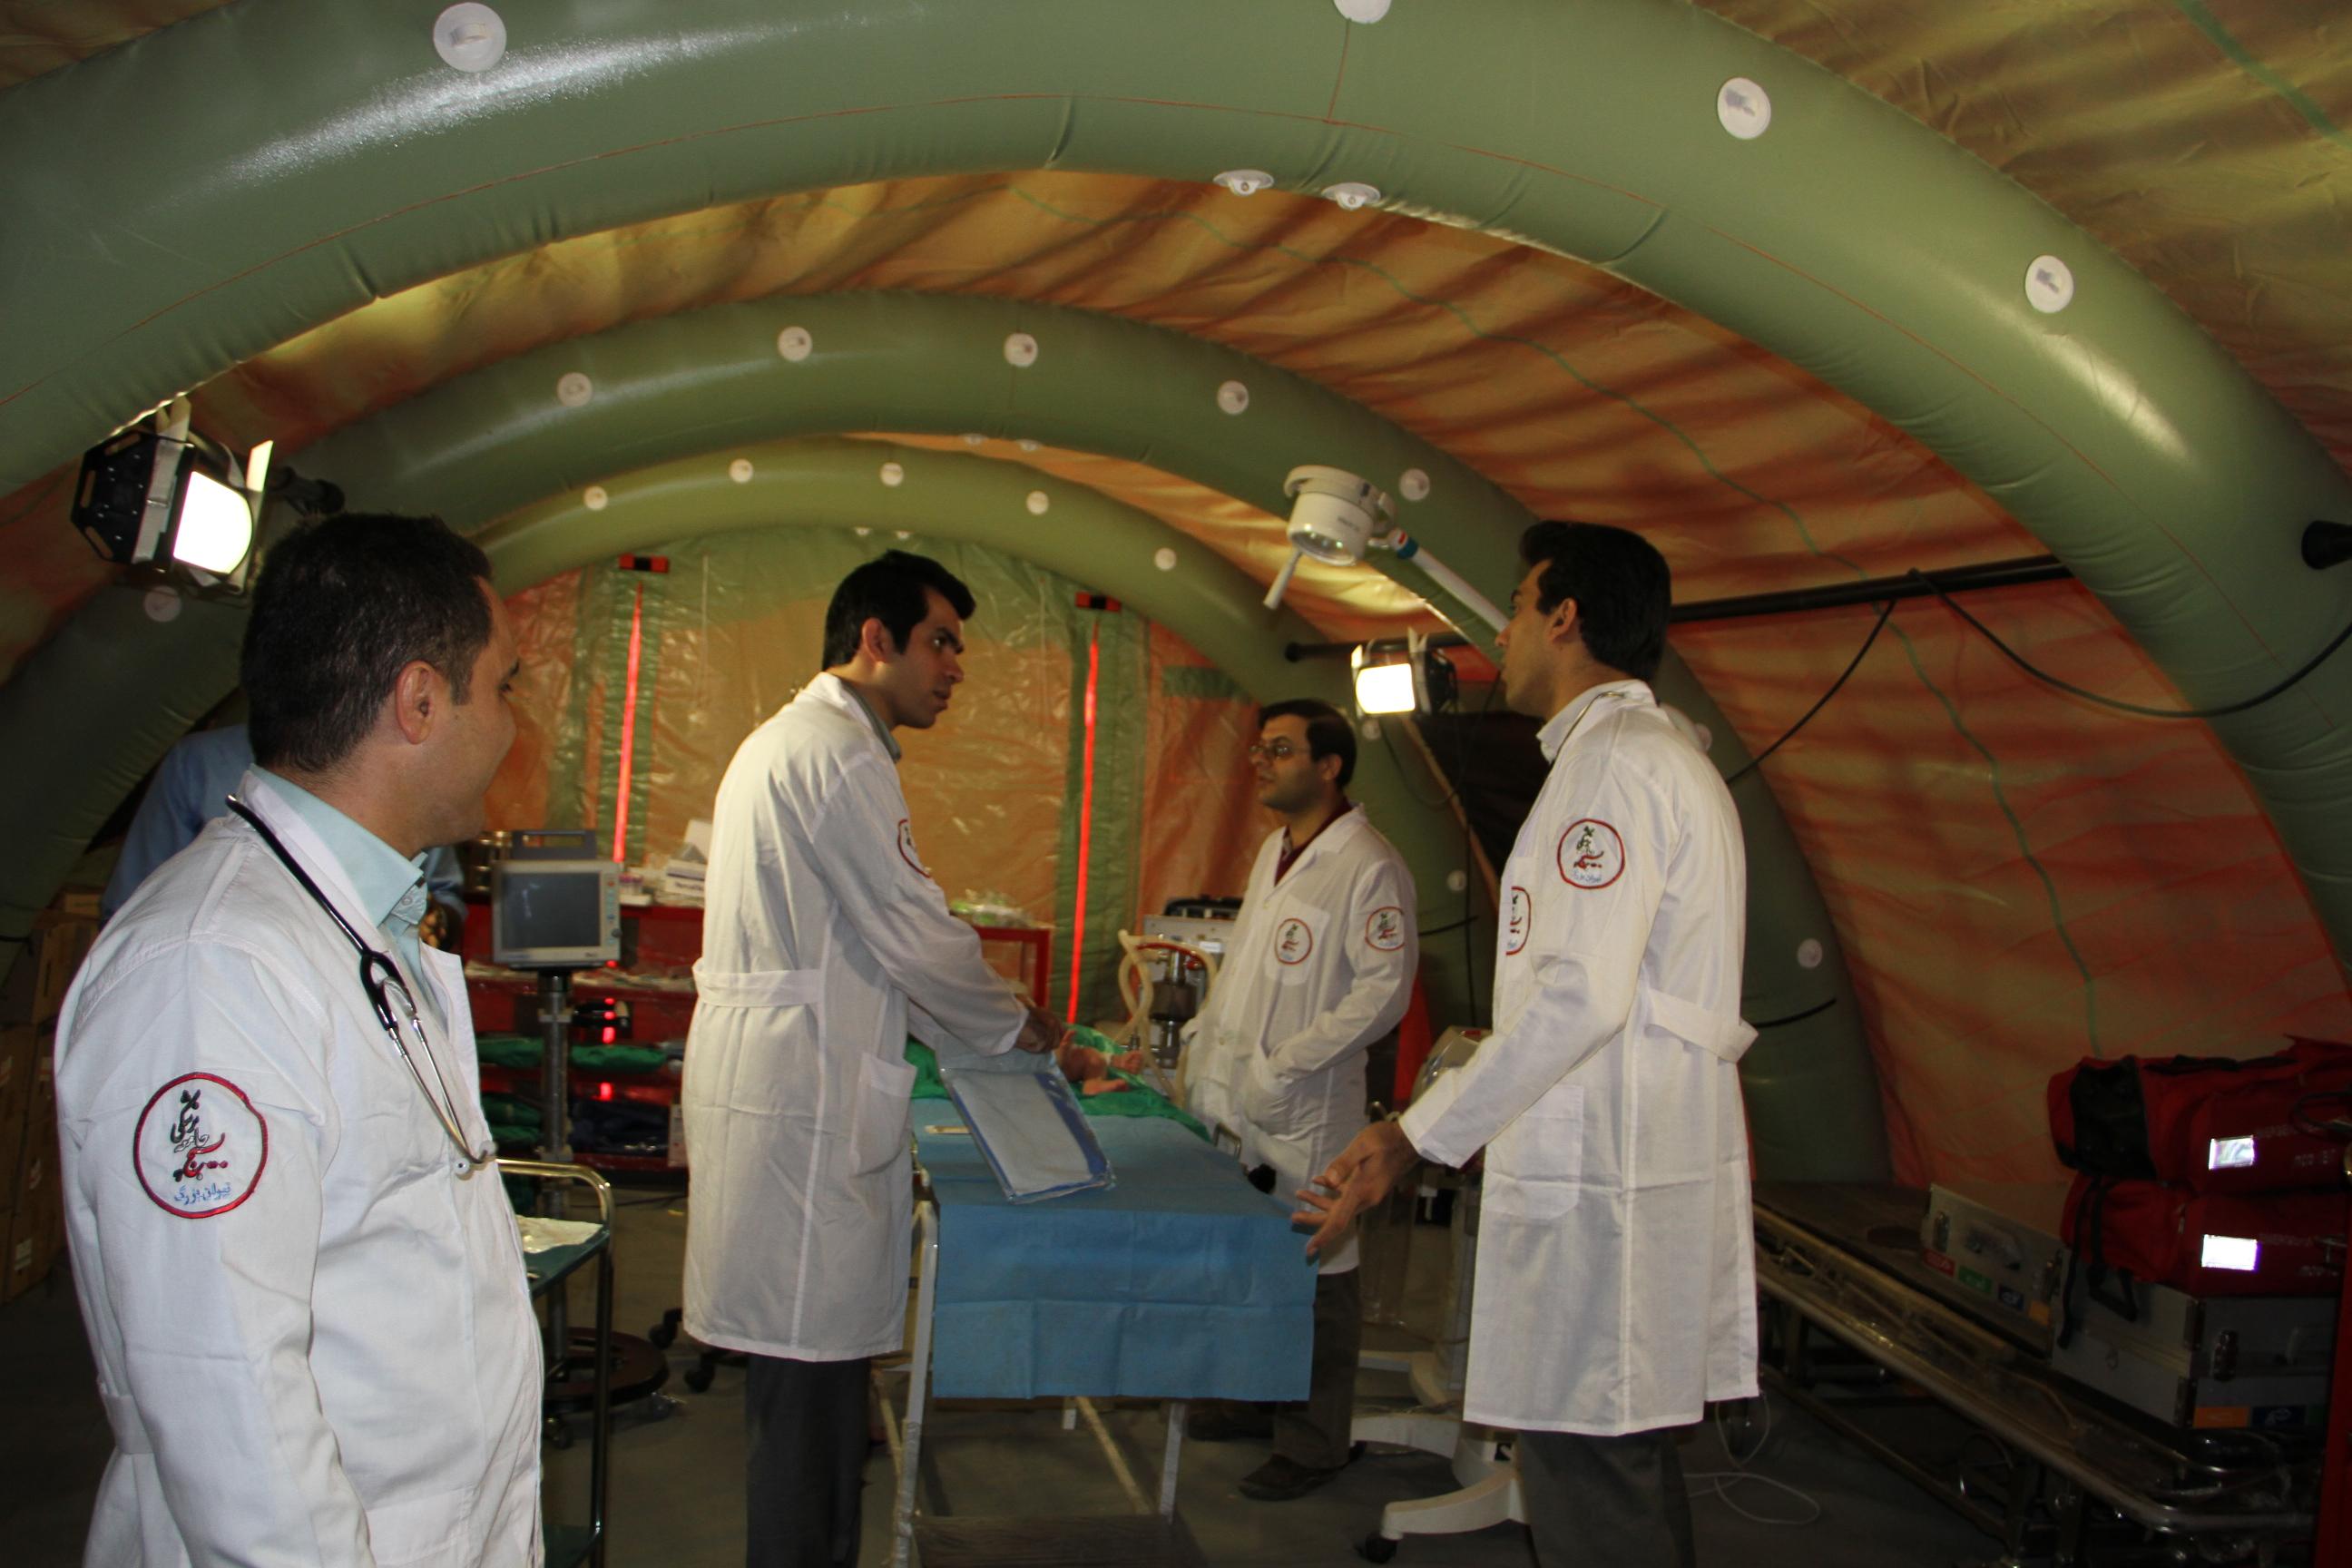 وضعیت بیمارستان های صحرایی در اربعین حسینی/ اوضاع درمانی زائران خوب است